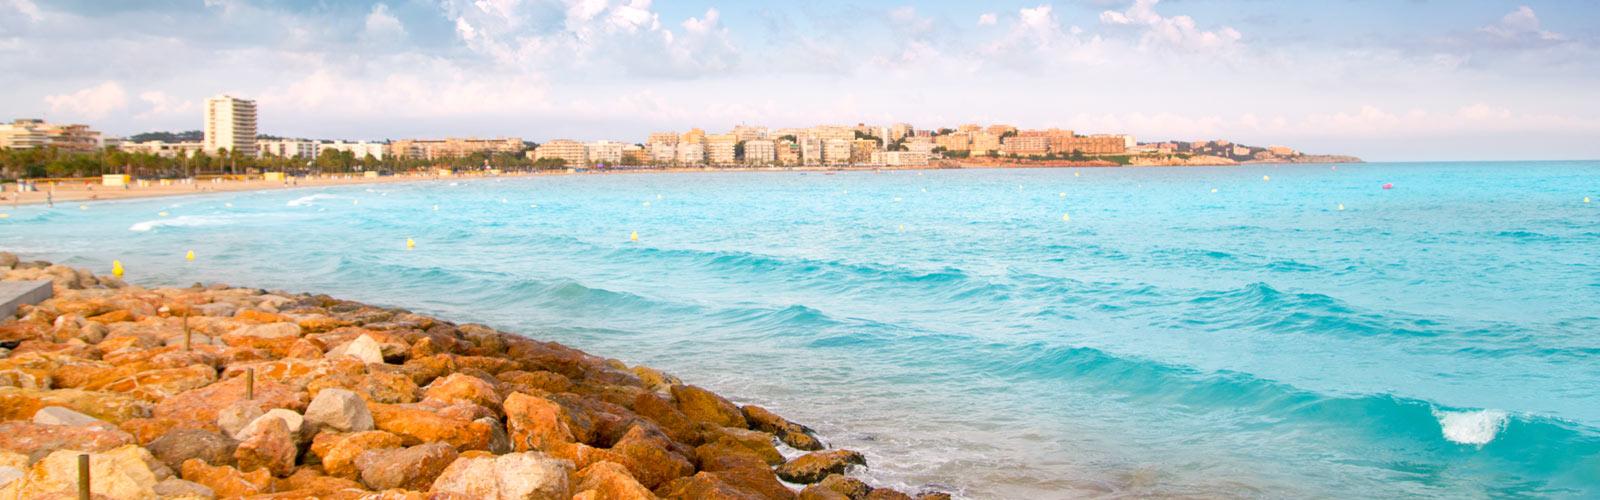 Salou, un pequeño paraíso en el Mediterráneo Playas del mundo